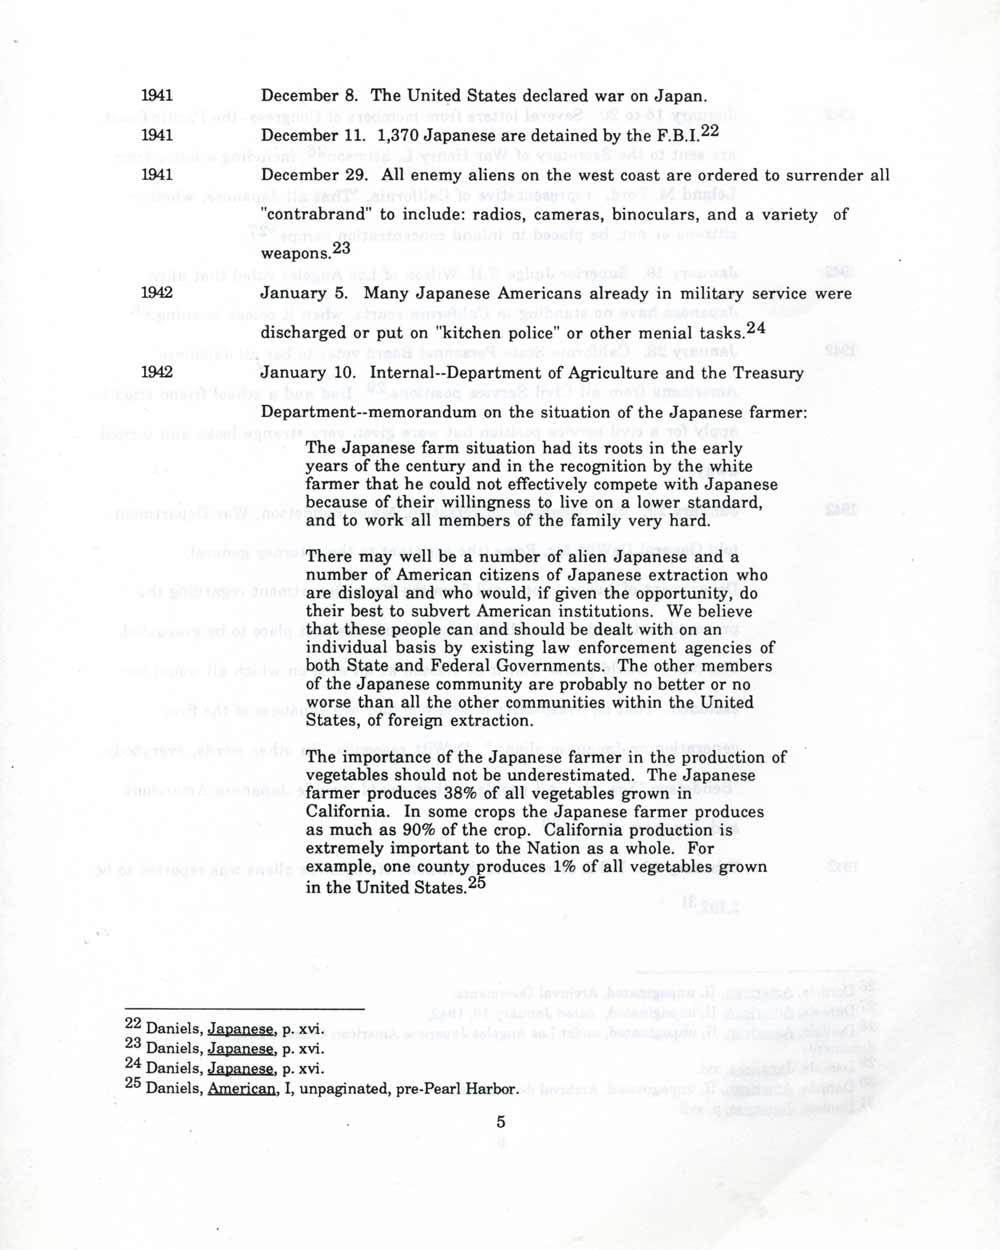 Family Timeline, pg 5